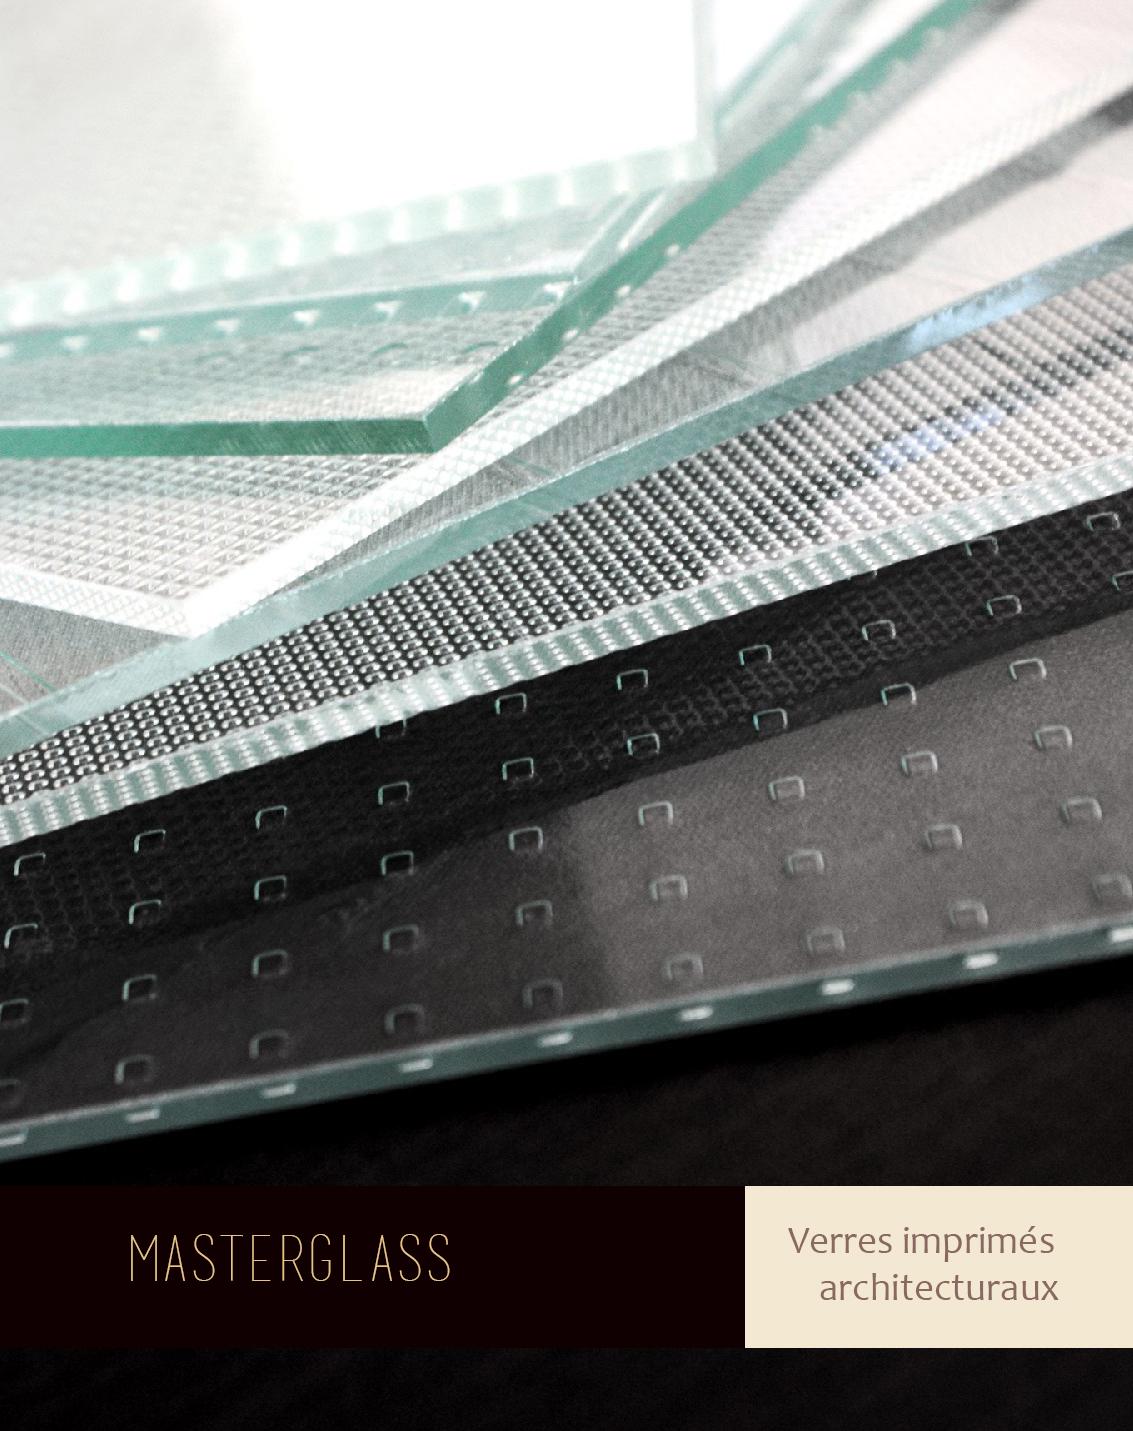 Masterglass